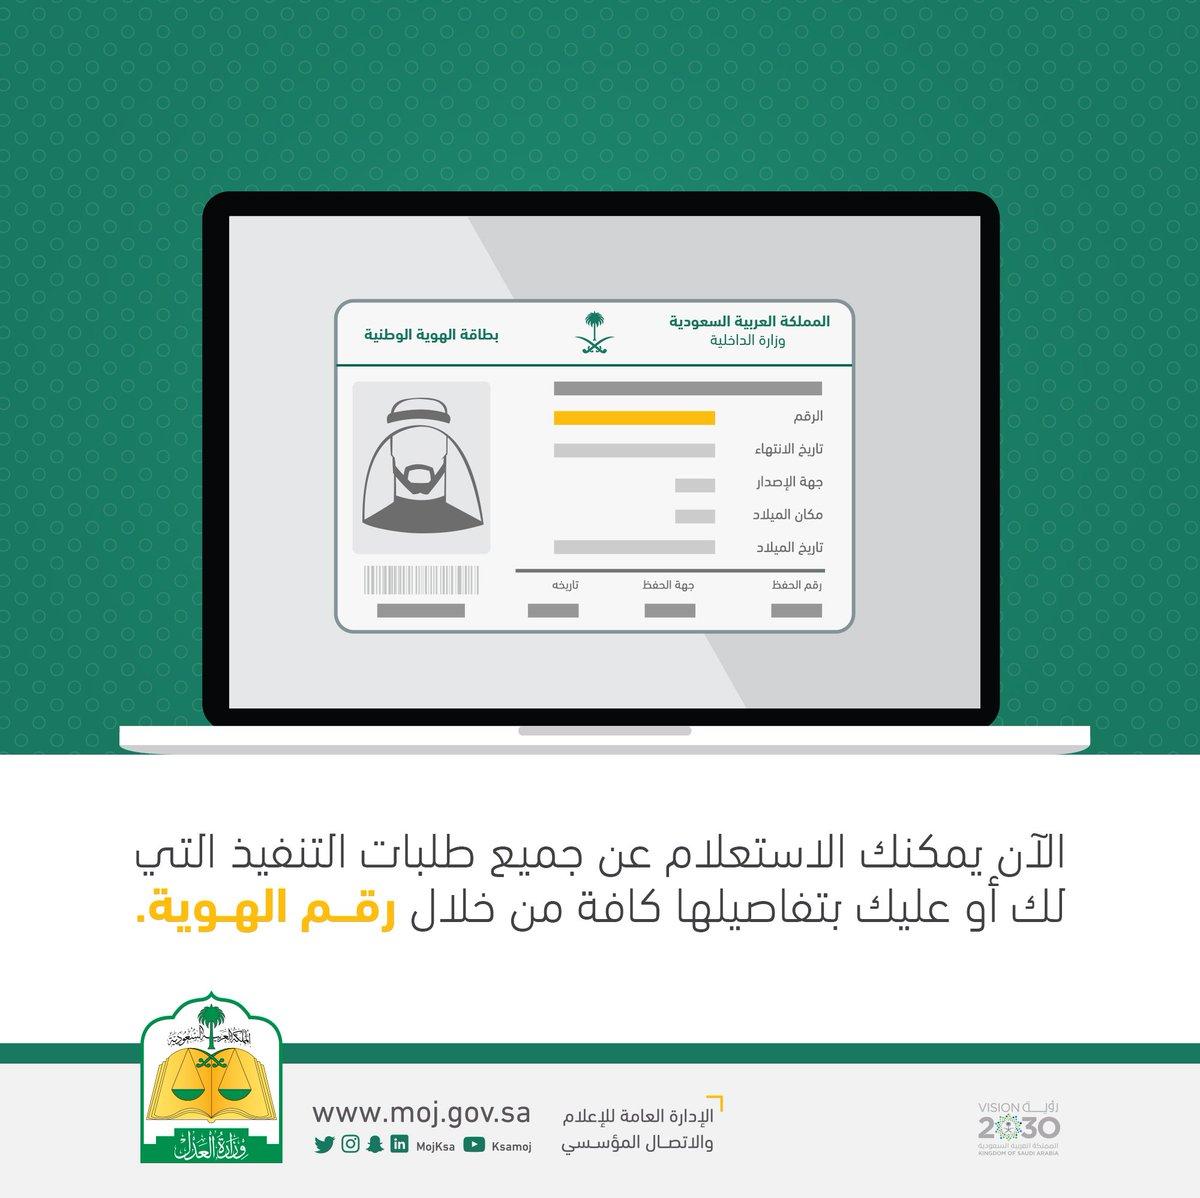 الاستفسار عن إيقاف خدمات برقم الهوية من خلال وزارة الداخلية السعودية الاستعلام عن التعاميم برقم الهوية